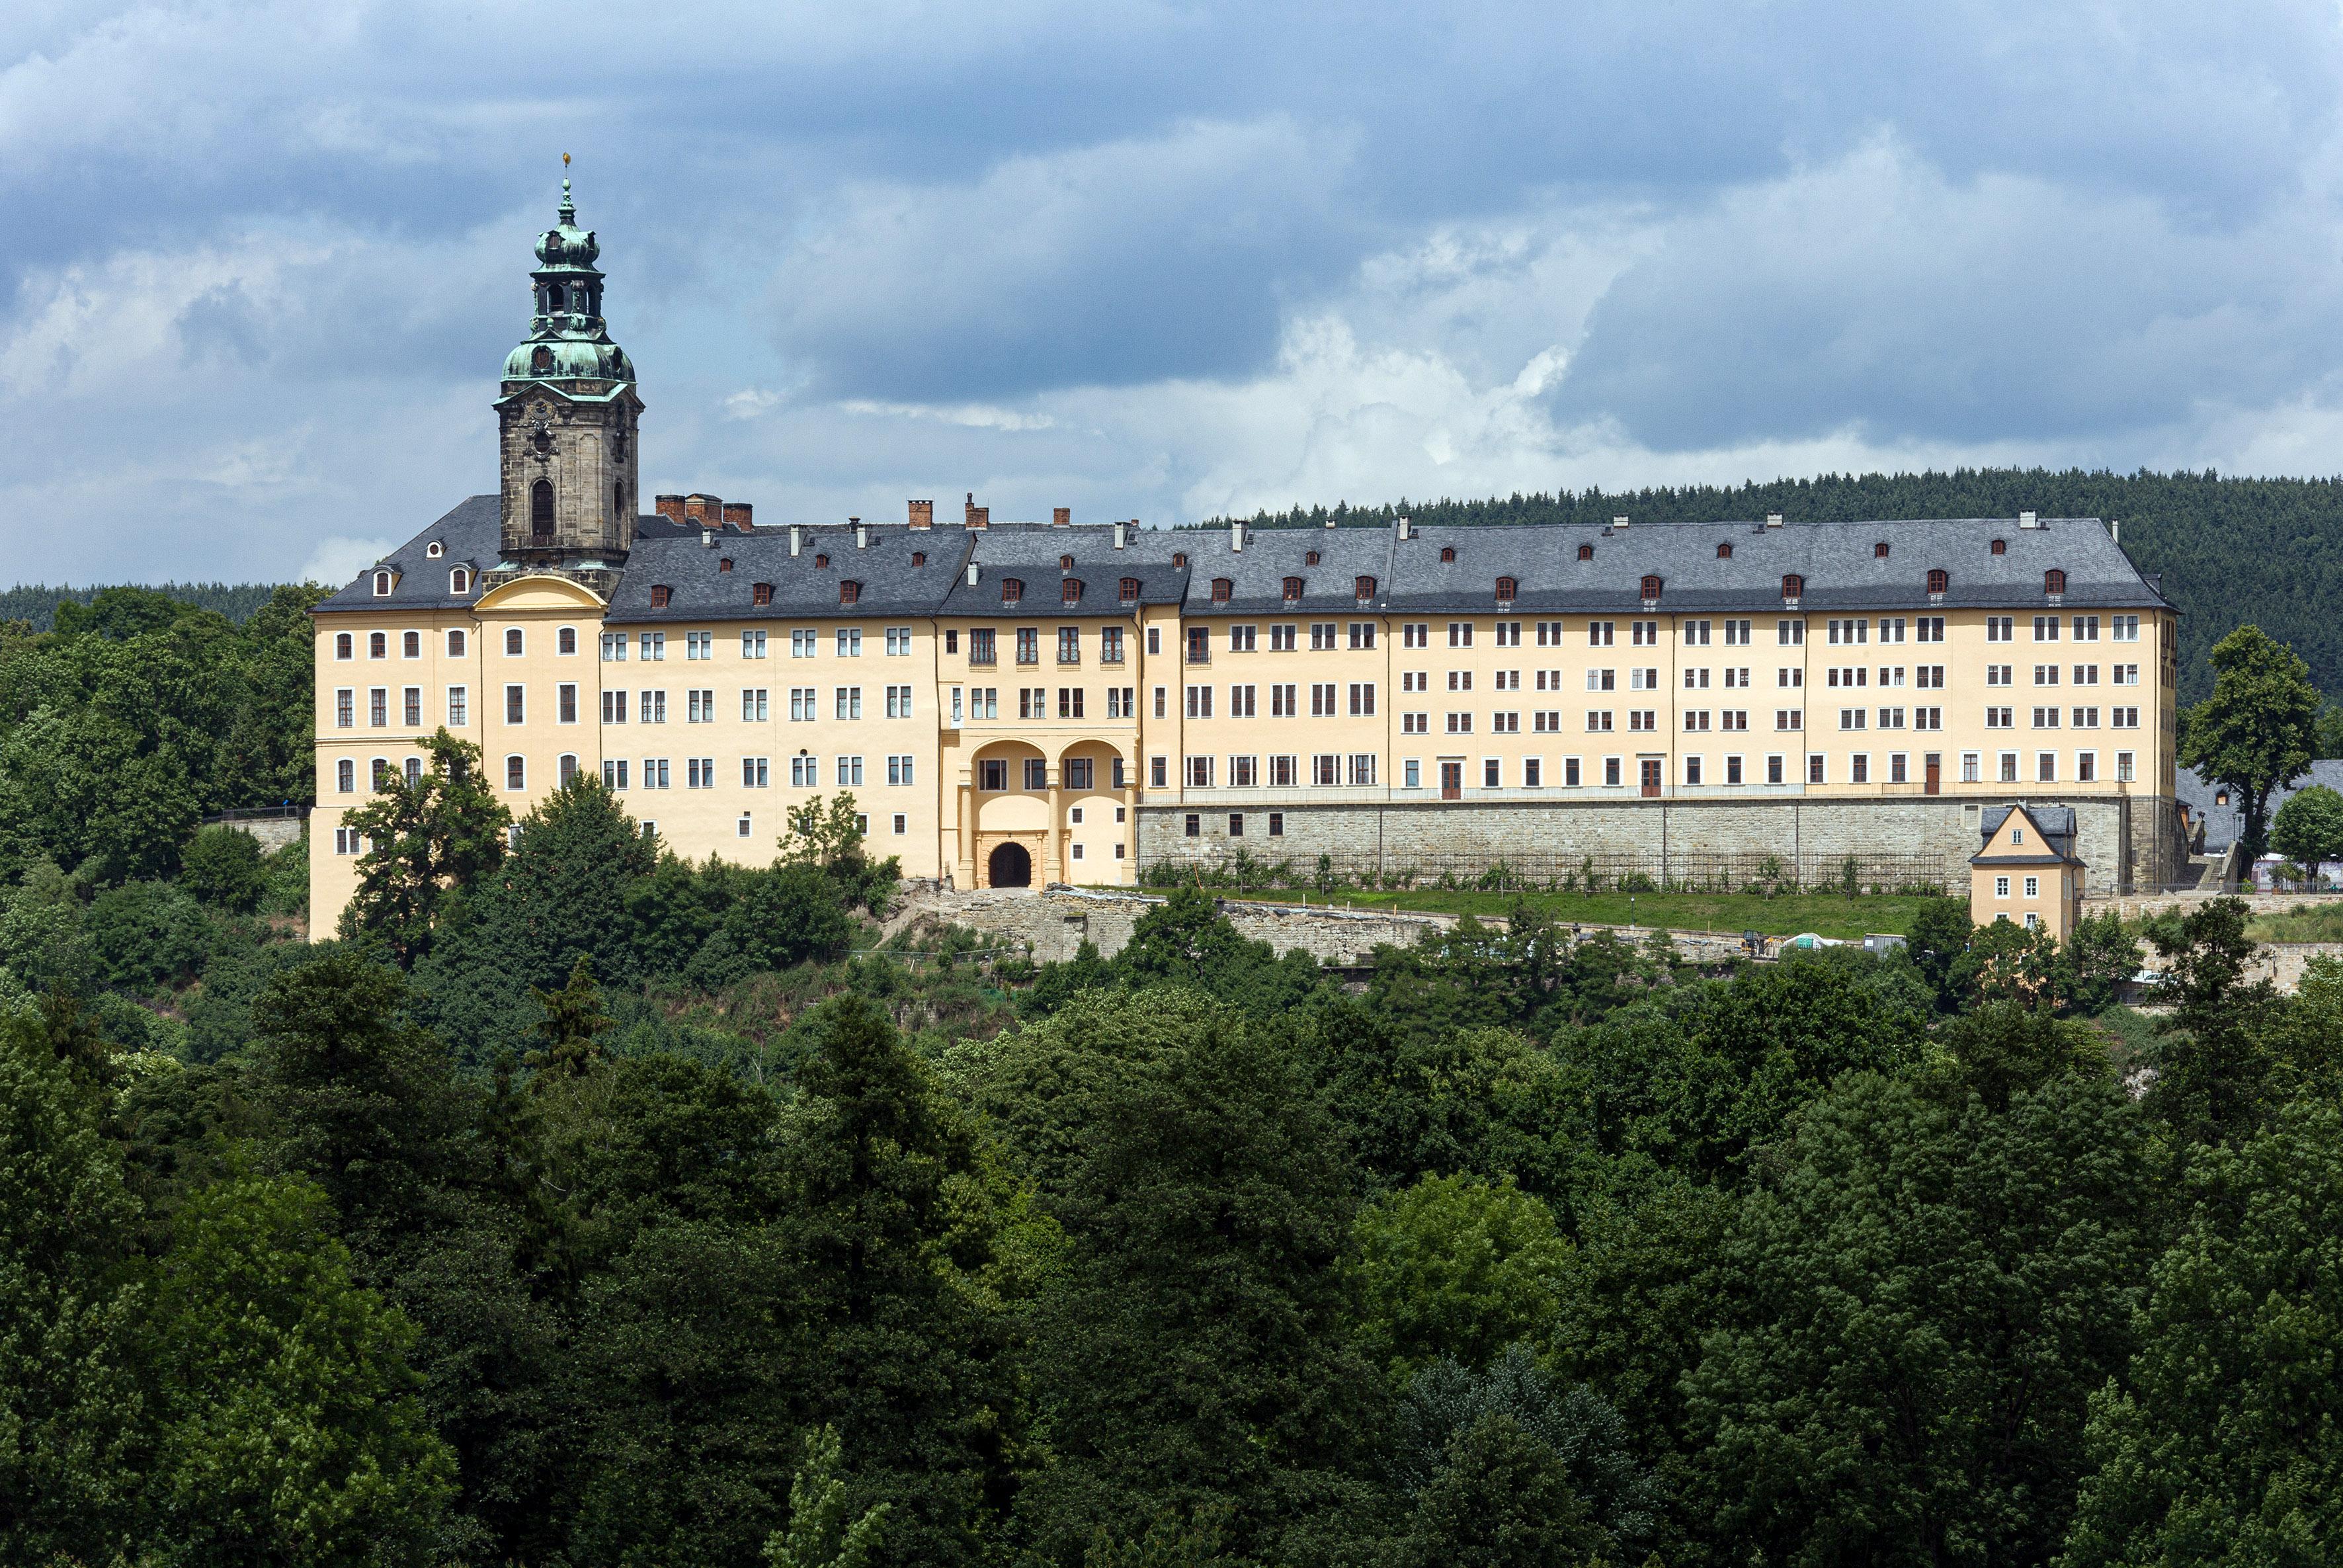 Heller, drei bis vierstöckiger Baukörper, links mit Turm, umgeben von Wald.